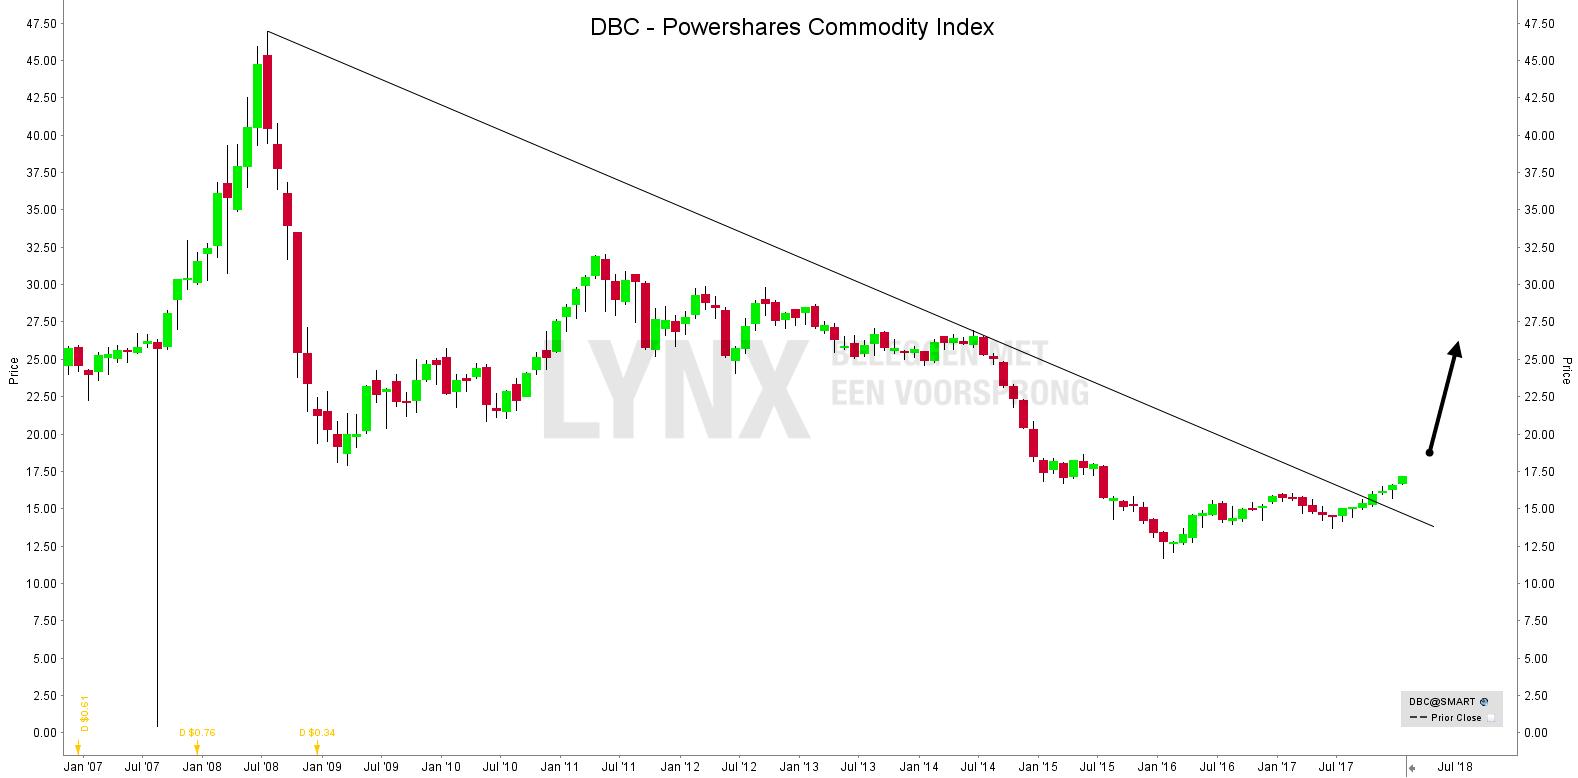 Koersen grondstoffen DBC Powershares Commodity Index - Beleggen in grondstoffen